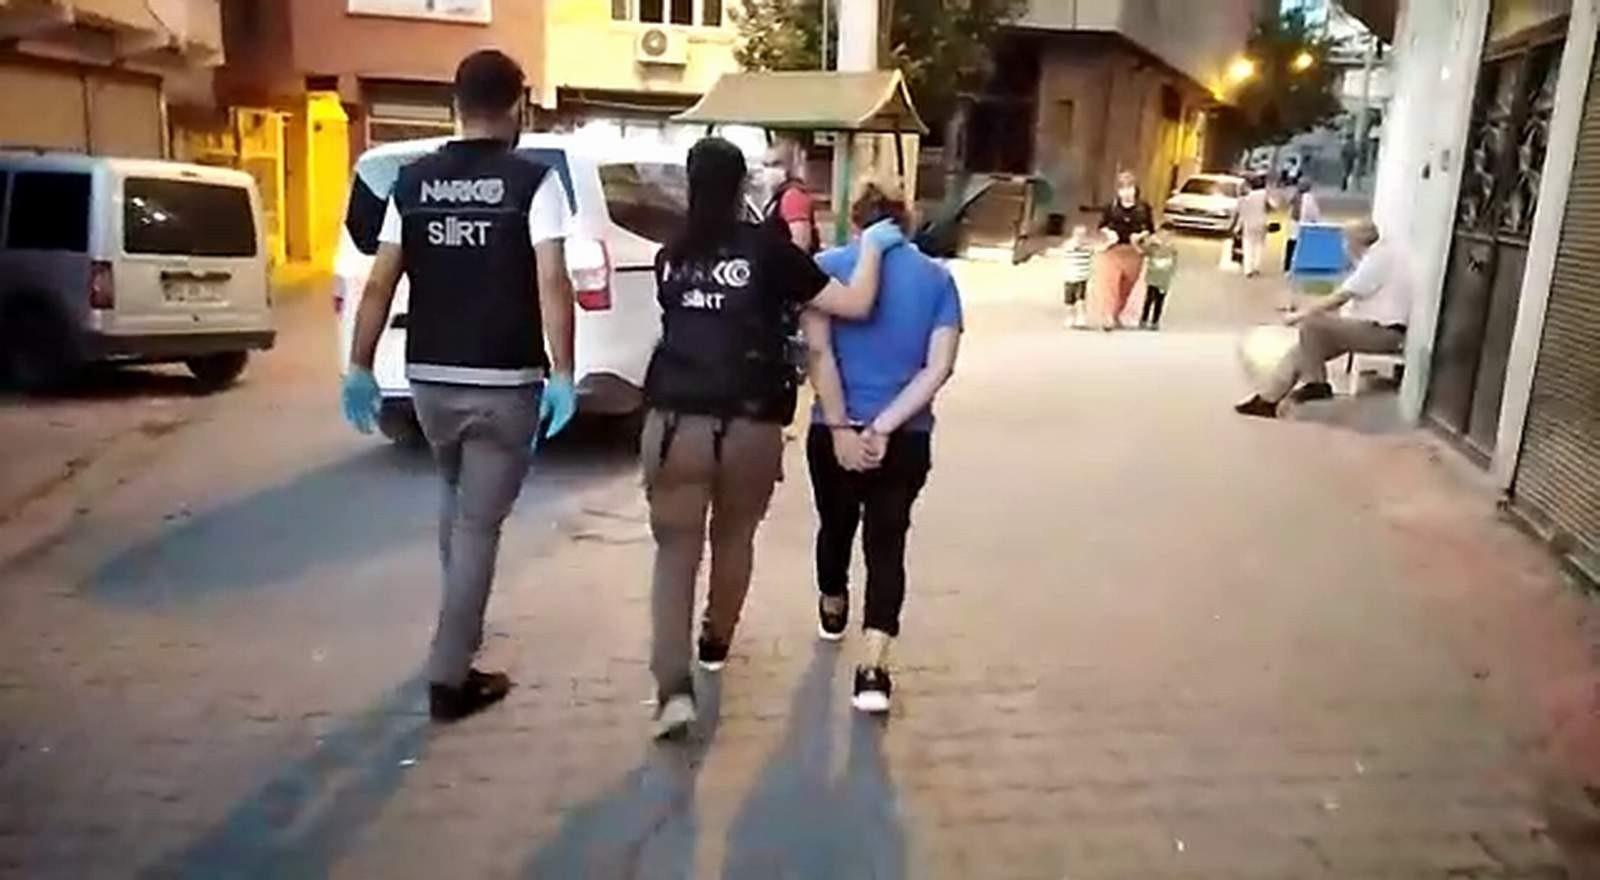 Siirt'te evinde uyuşturucu yakalanan kadın gözaltına alındı